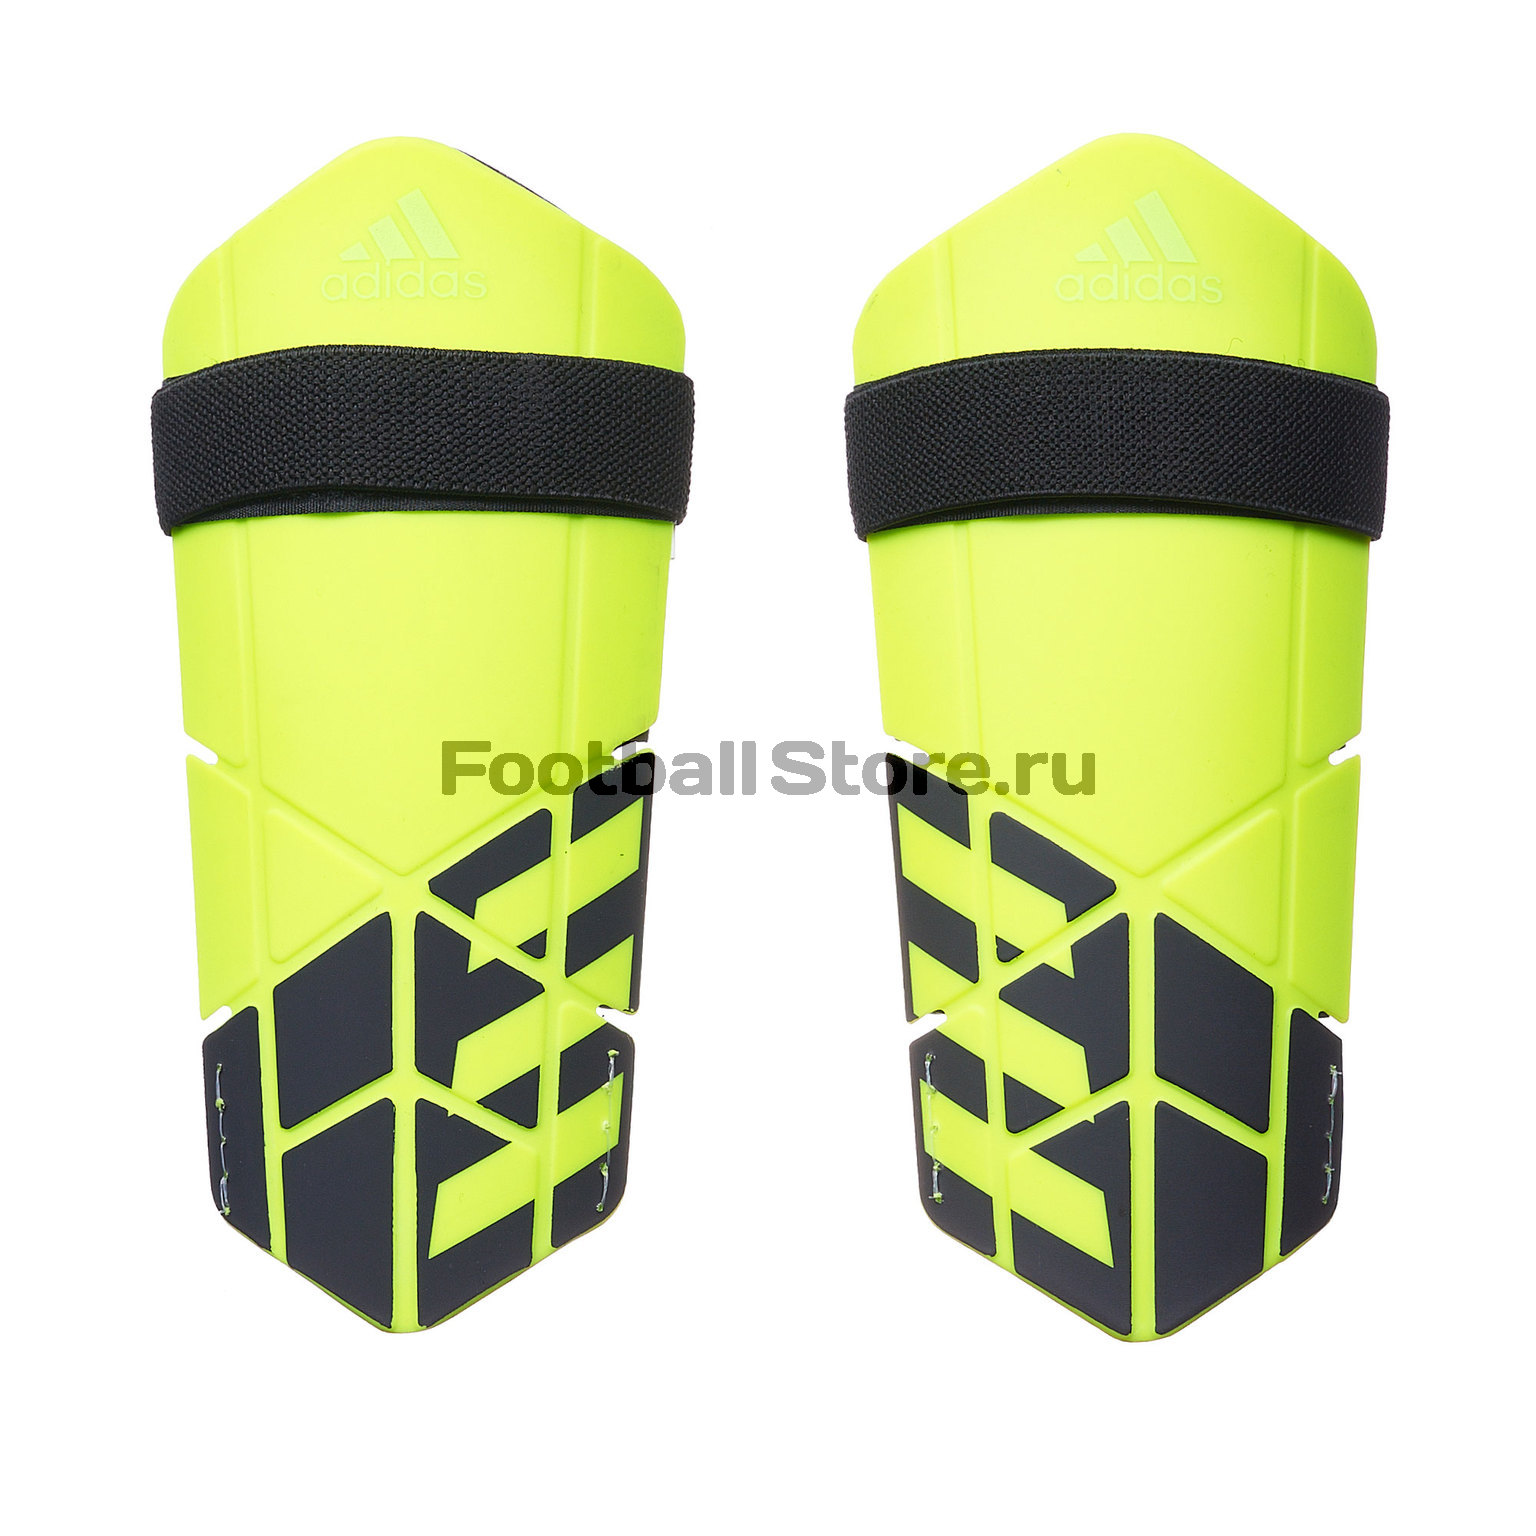 цена на Щитки футбольные Adidas X Lite CW9719